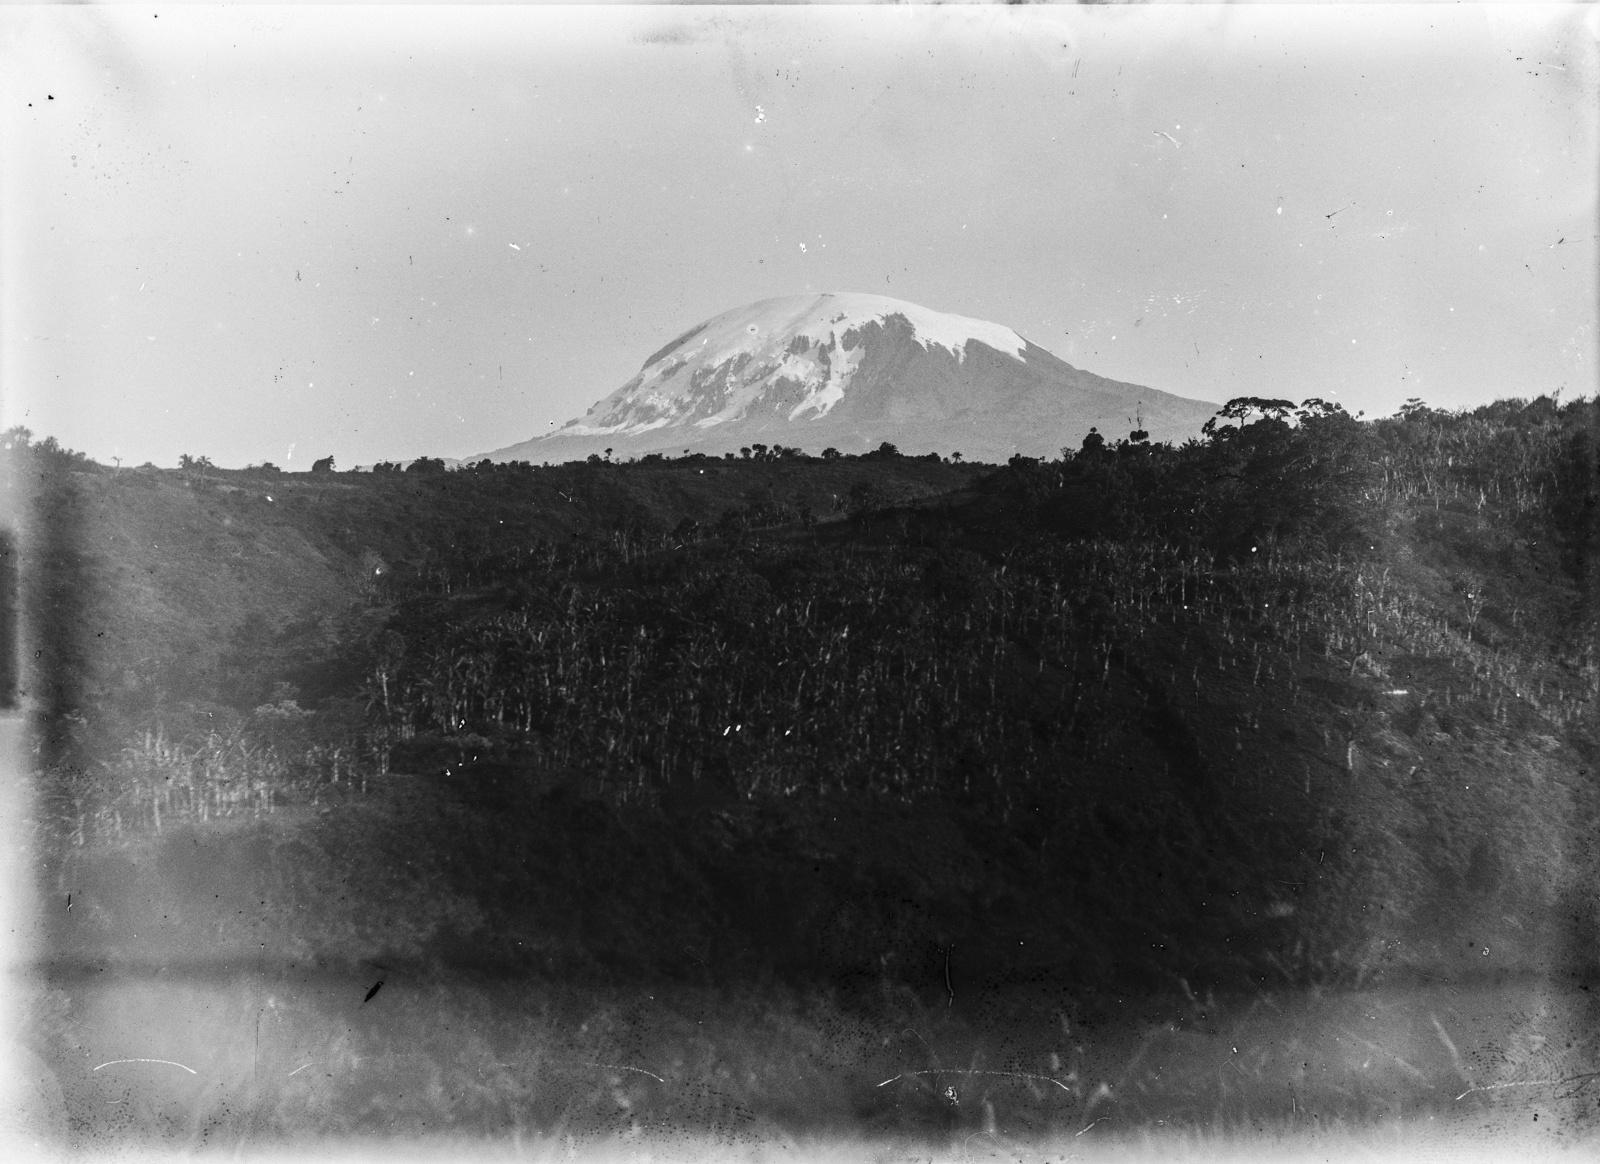 104. Банановые плантации в районе Килиманджаро